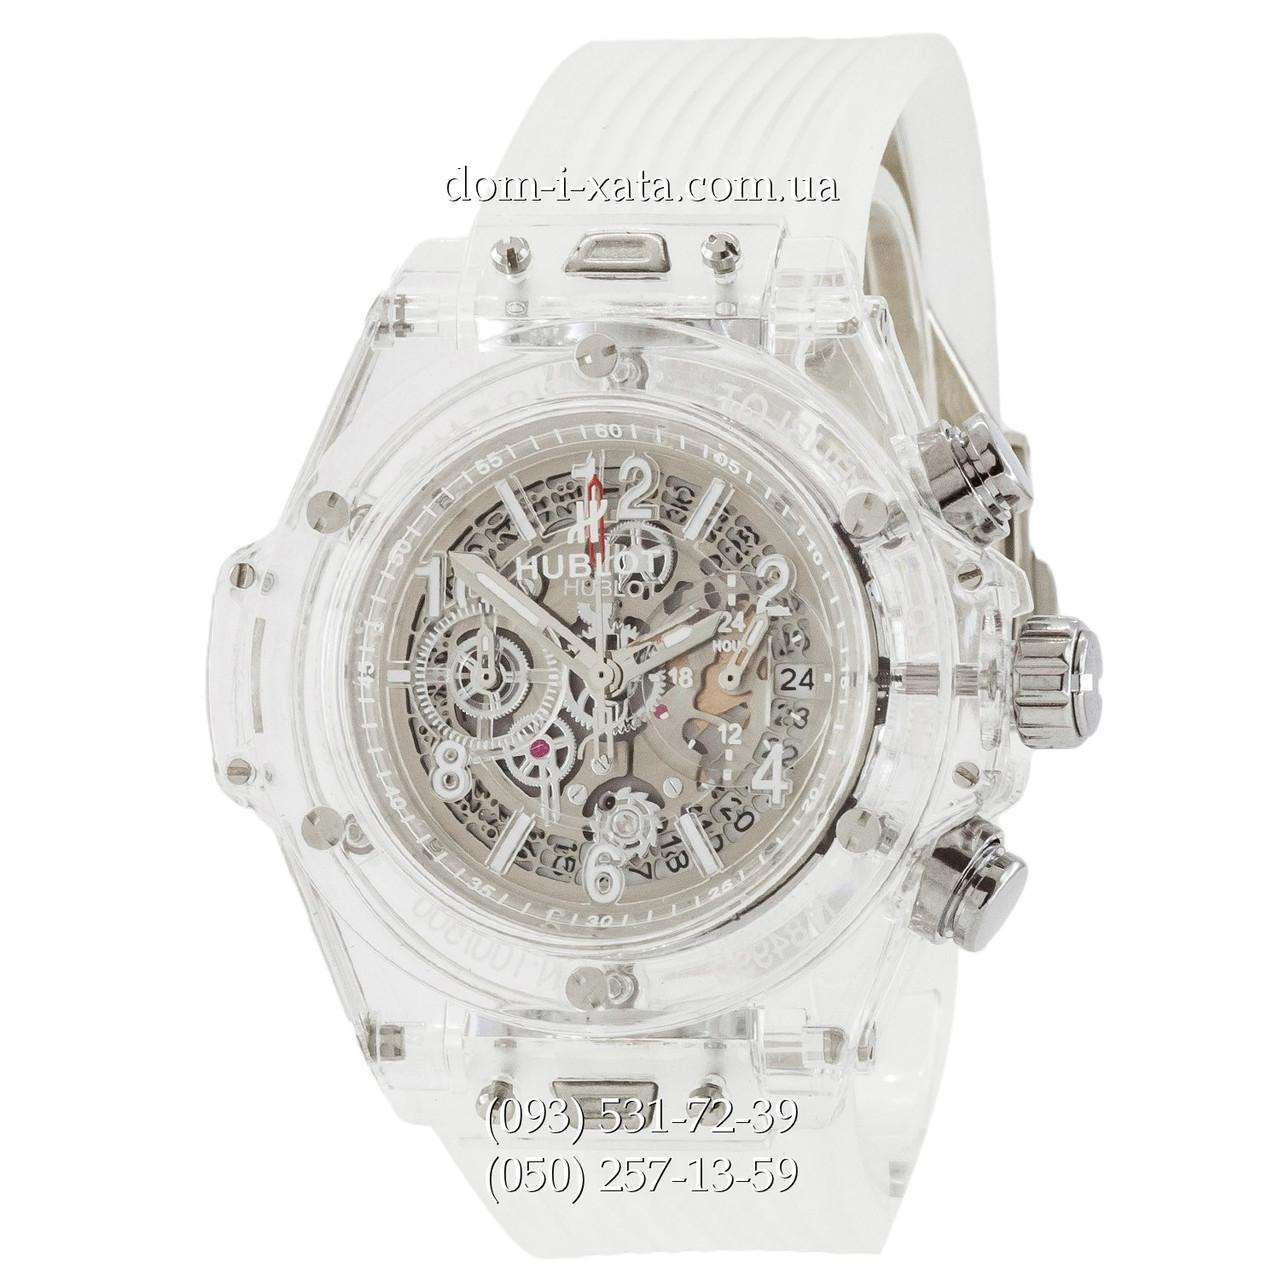 Мужские наручные часы Hublot Big Bang Quartz Unico Sapphire White, кварцевые часы с хронографом Хублот, реплика отличное качество!